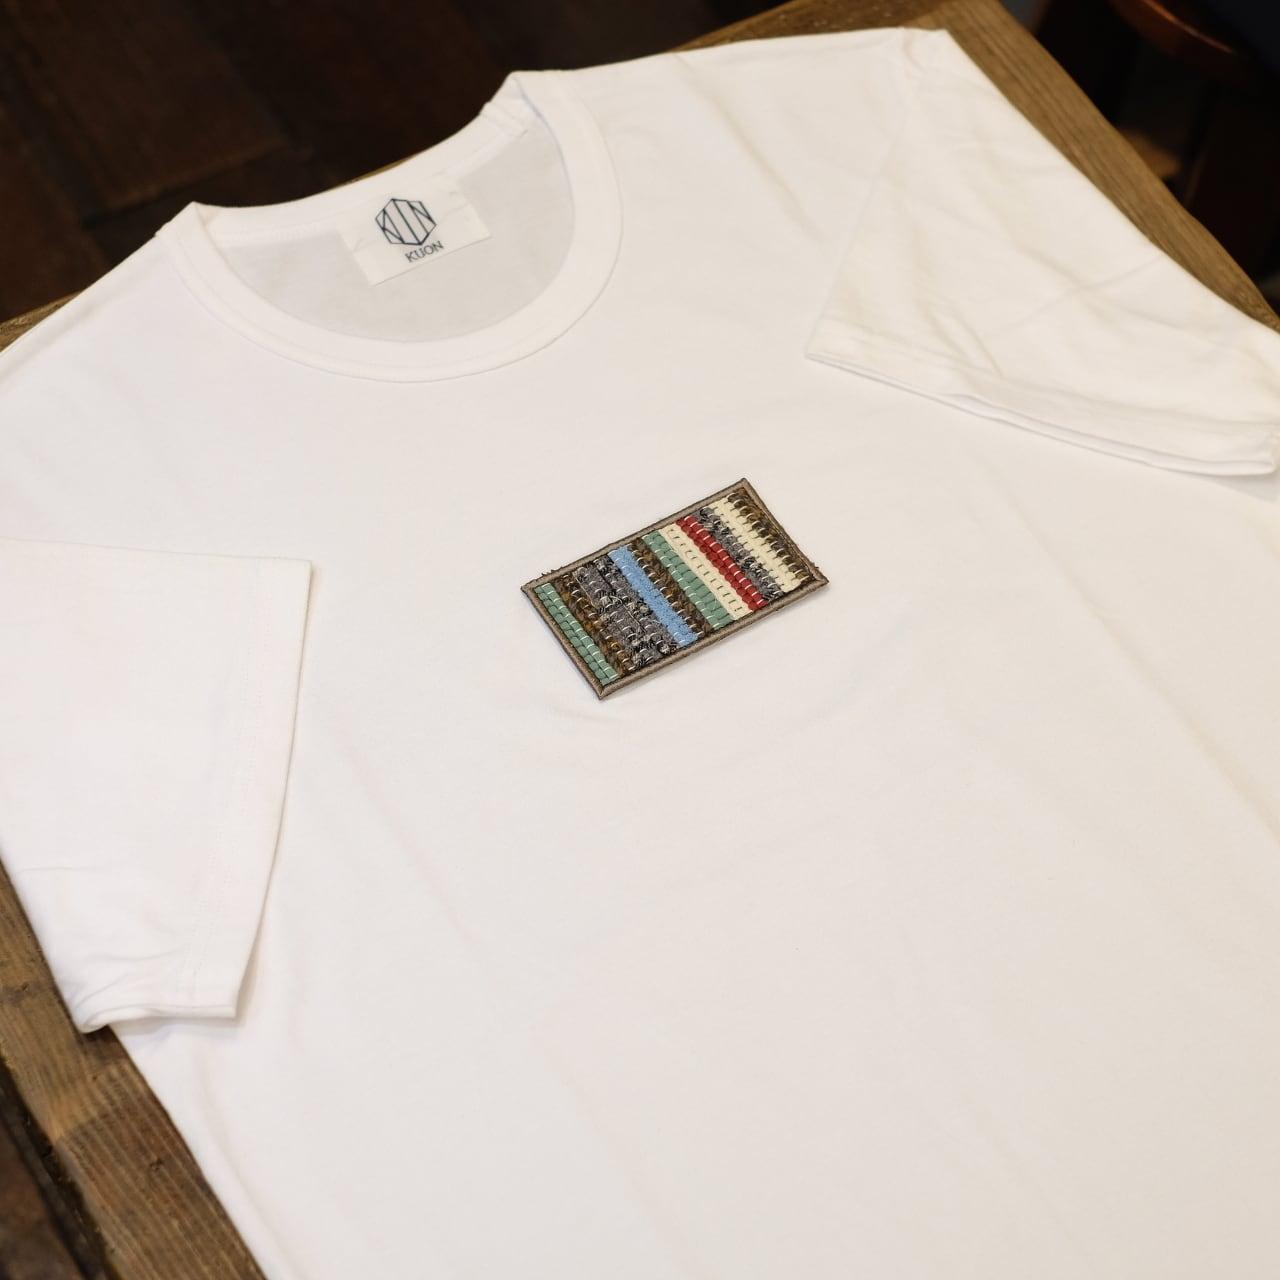 KUON(クオン) 裂き織り胸パッチTシャツ ホワイト